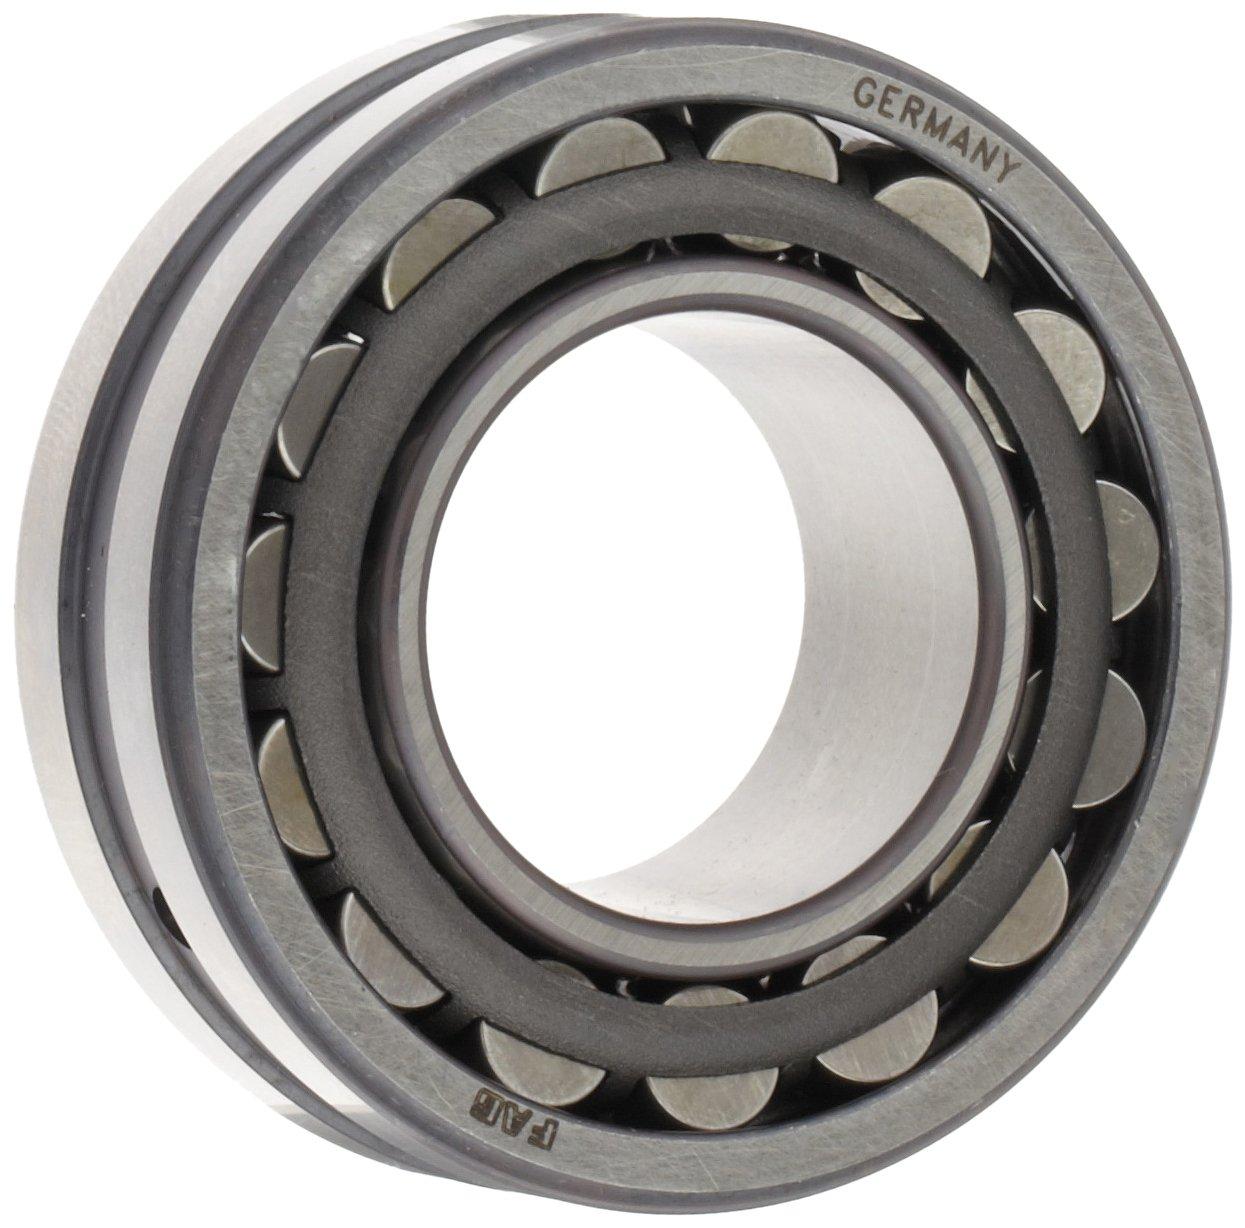 d/égagement C3 al/ésage conique 85 mm OD 45 mm ID Roulement /à rouleaux sph/érique FAG 22209E1K-C3 cage en acier 23 mm de largeur m/étrique